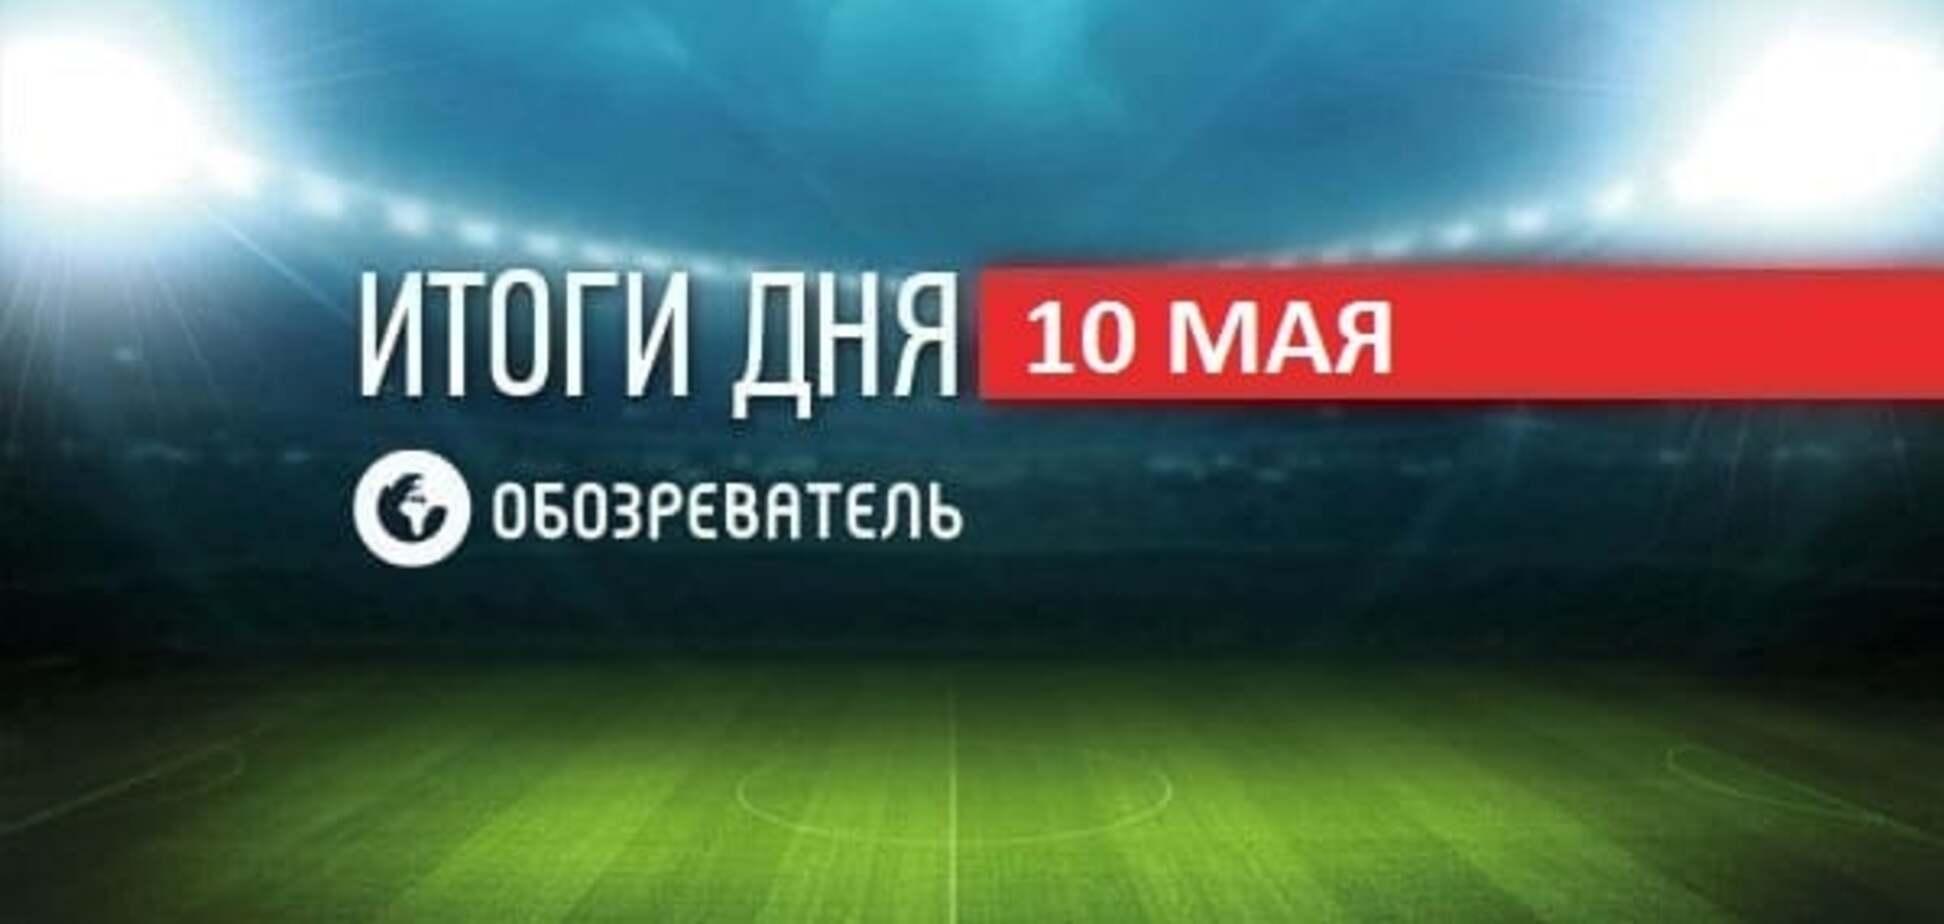 Український боксер визнав Крим Росією. Спортивні підсумки 10 травня